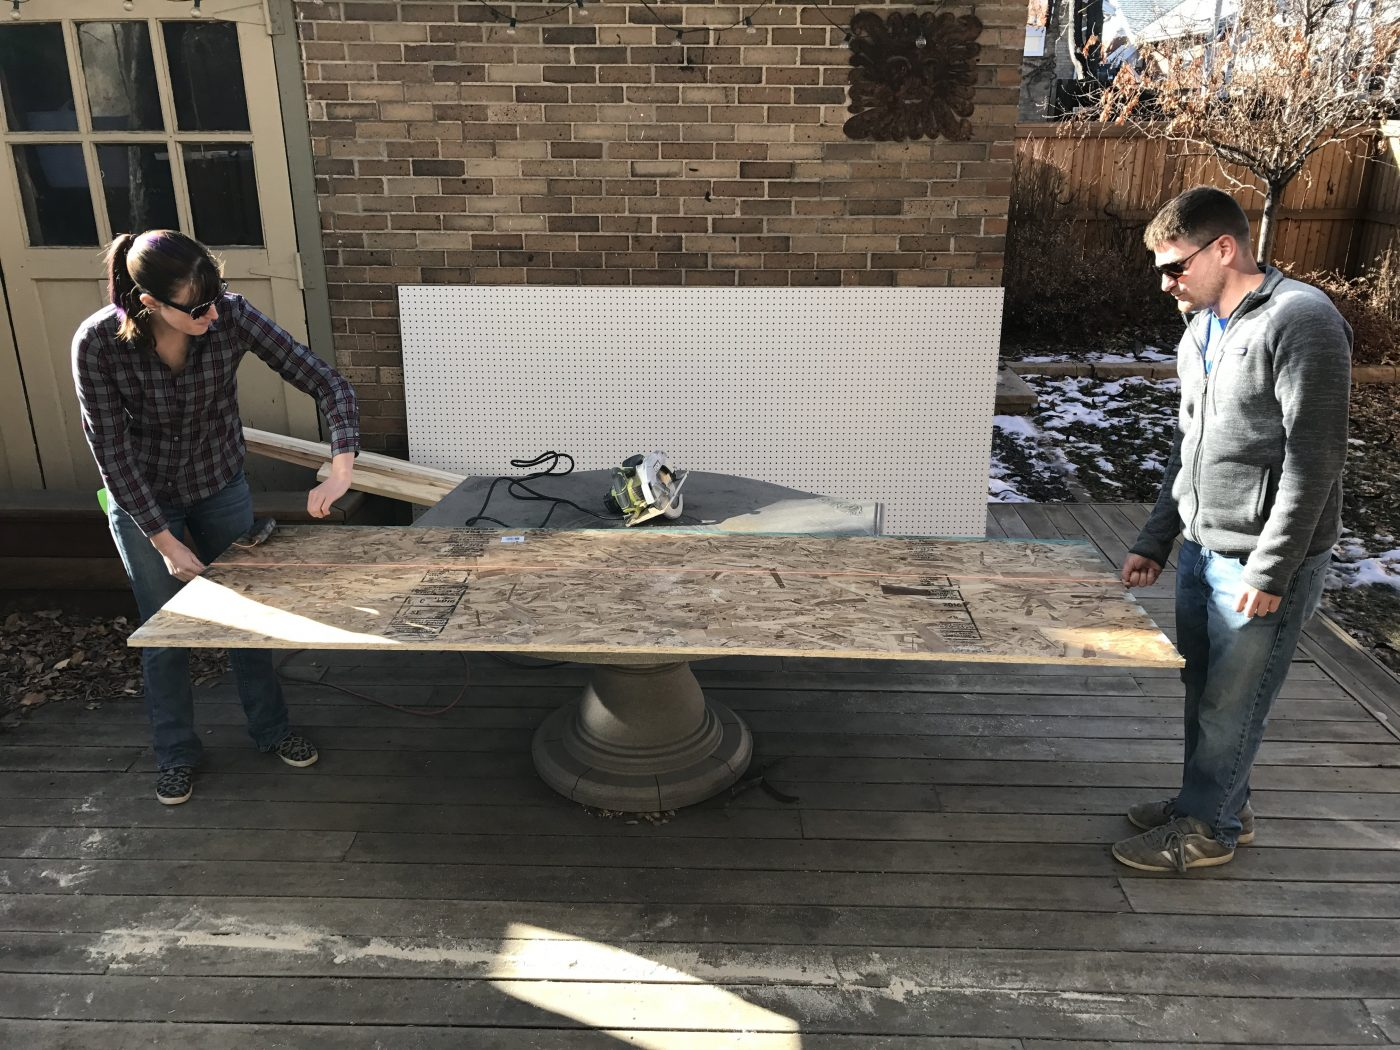 DIY outdoor Gear Closet - building